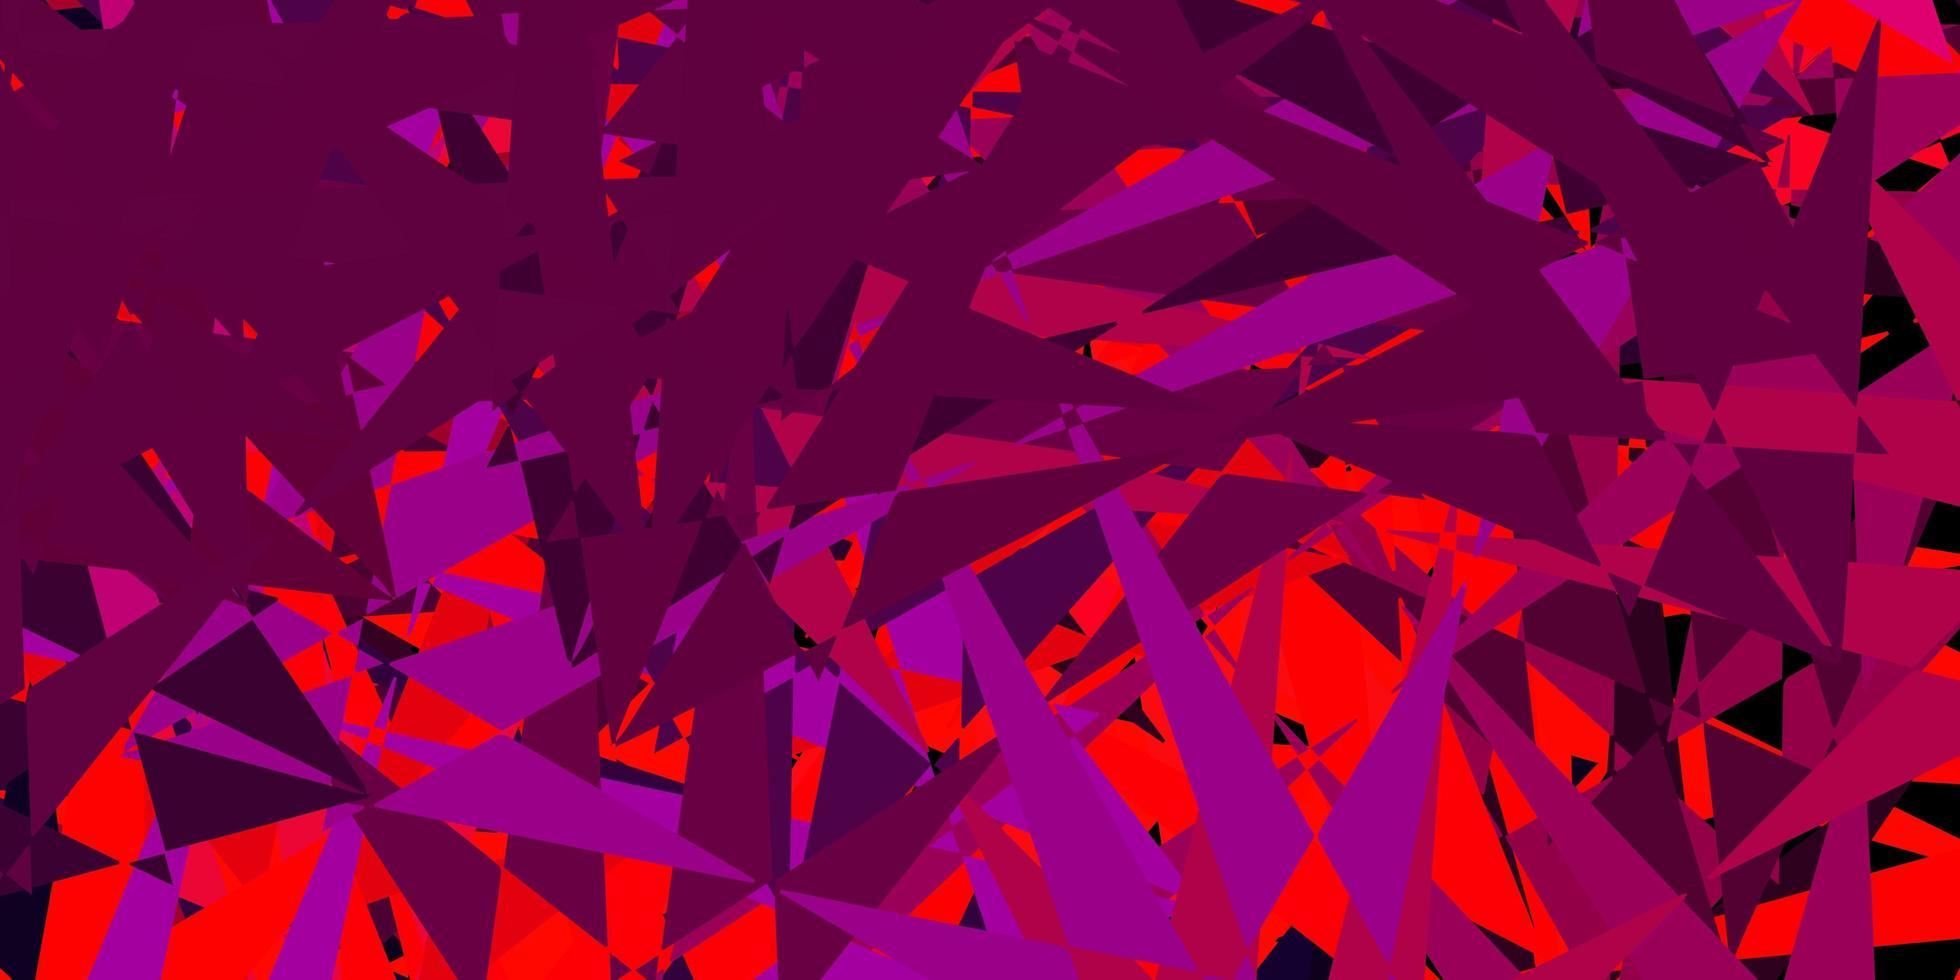 modello vettoriale rosa scuro, rosso con forme triangolari.